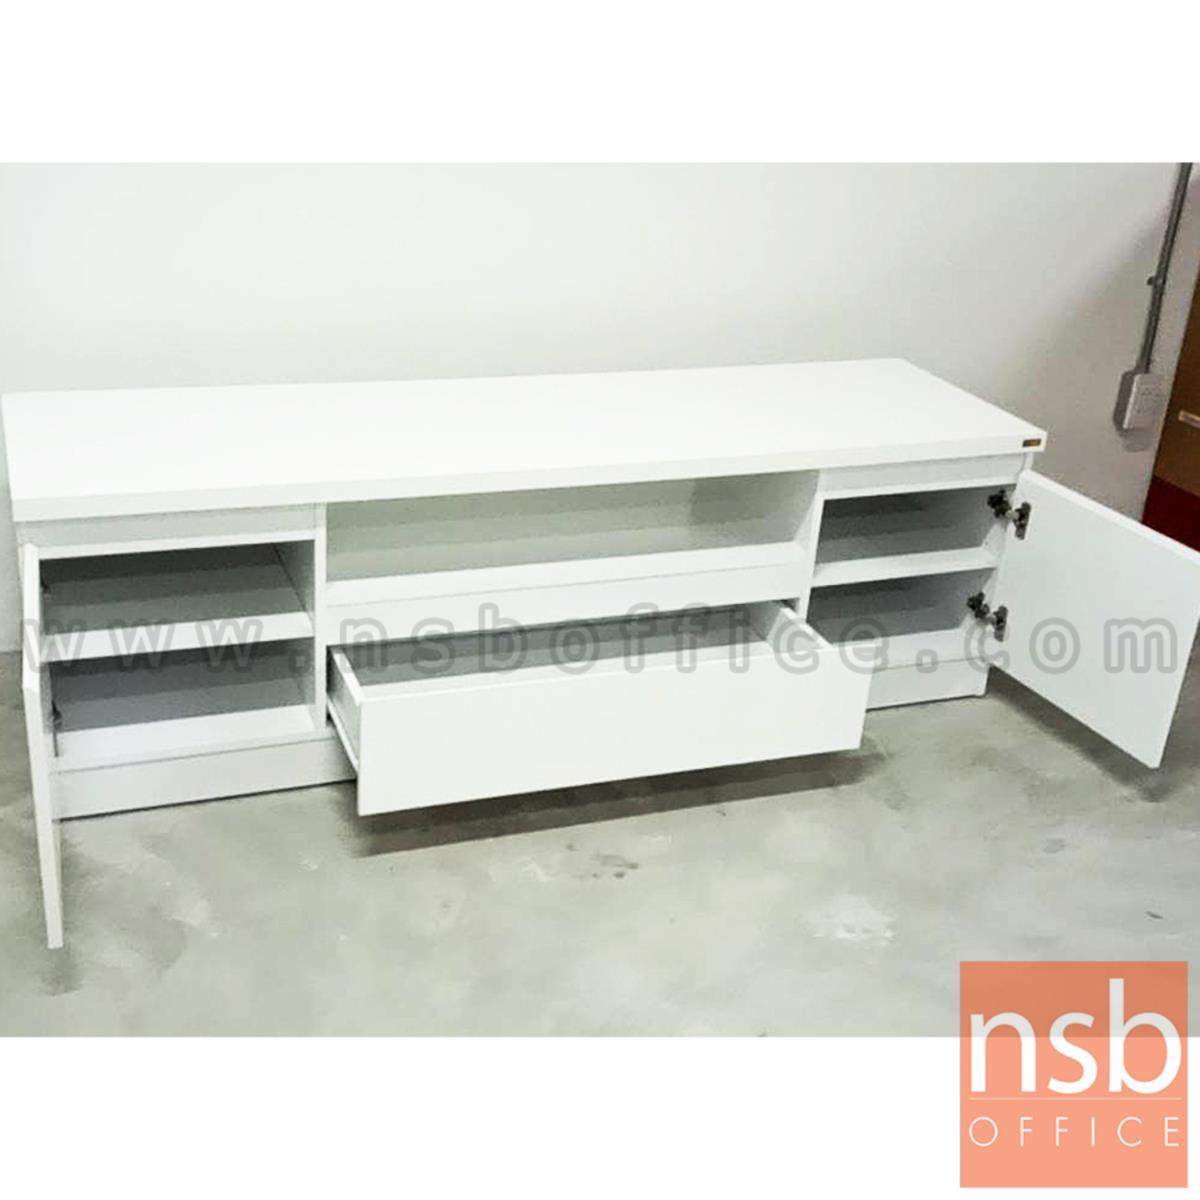 ตู้วางทีวีสีขาวล้วน  รุ่น Sanders (แซนเดอร์) ขนาด 160W*50H cm.  เมลามีน